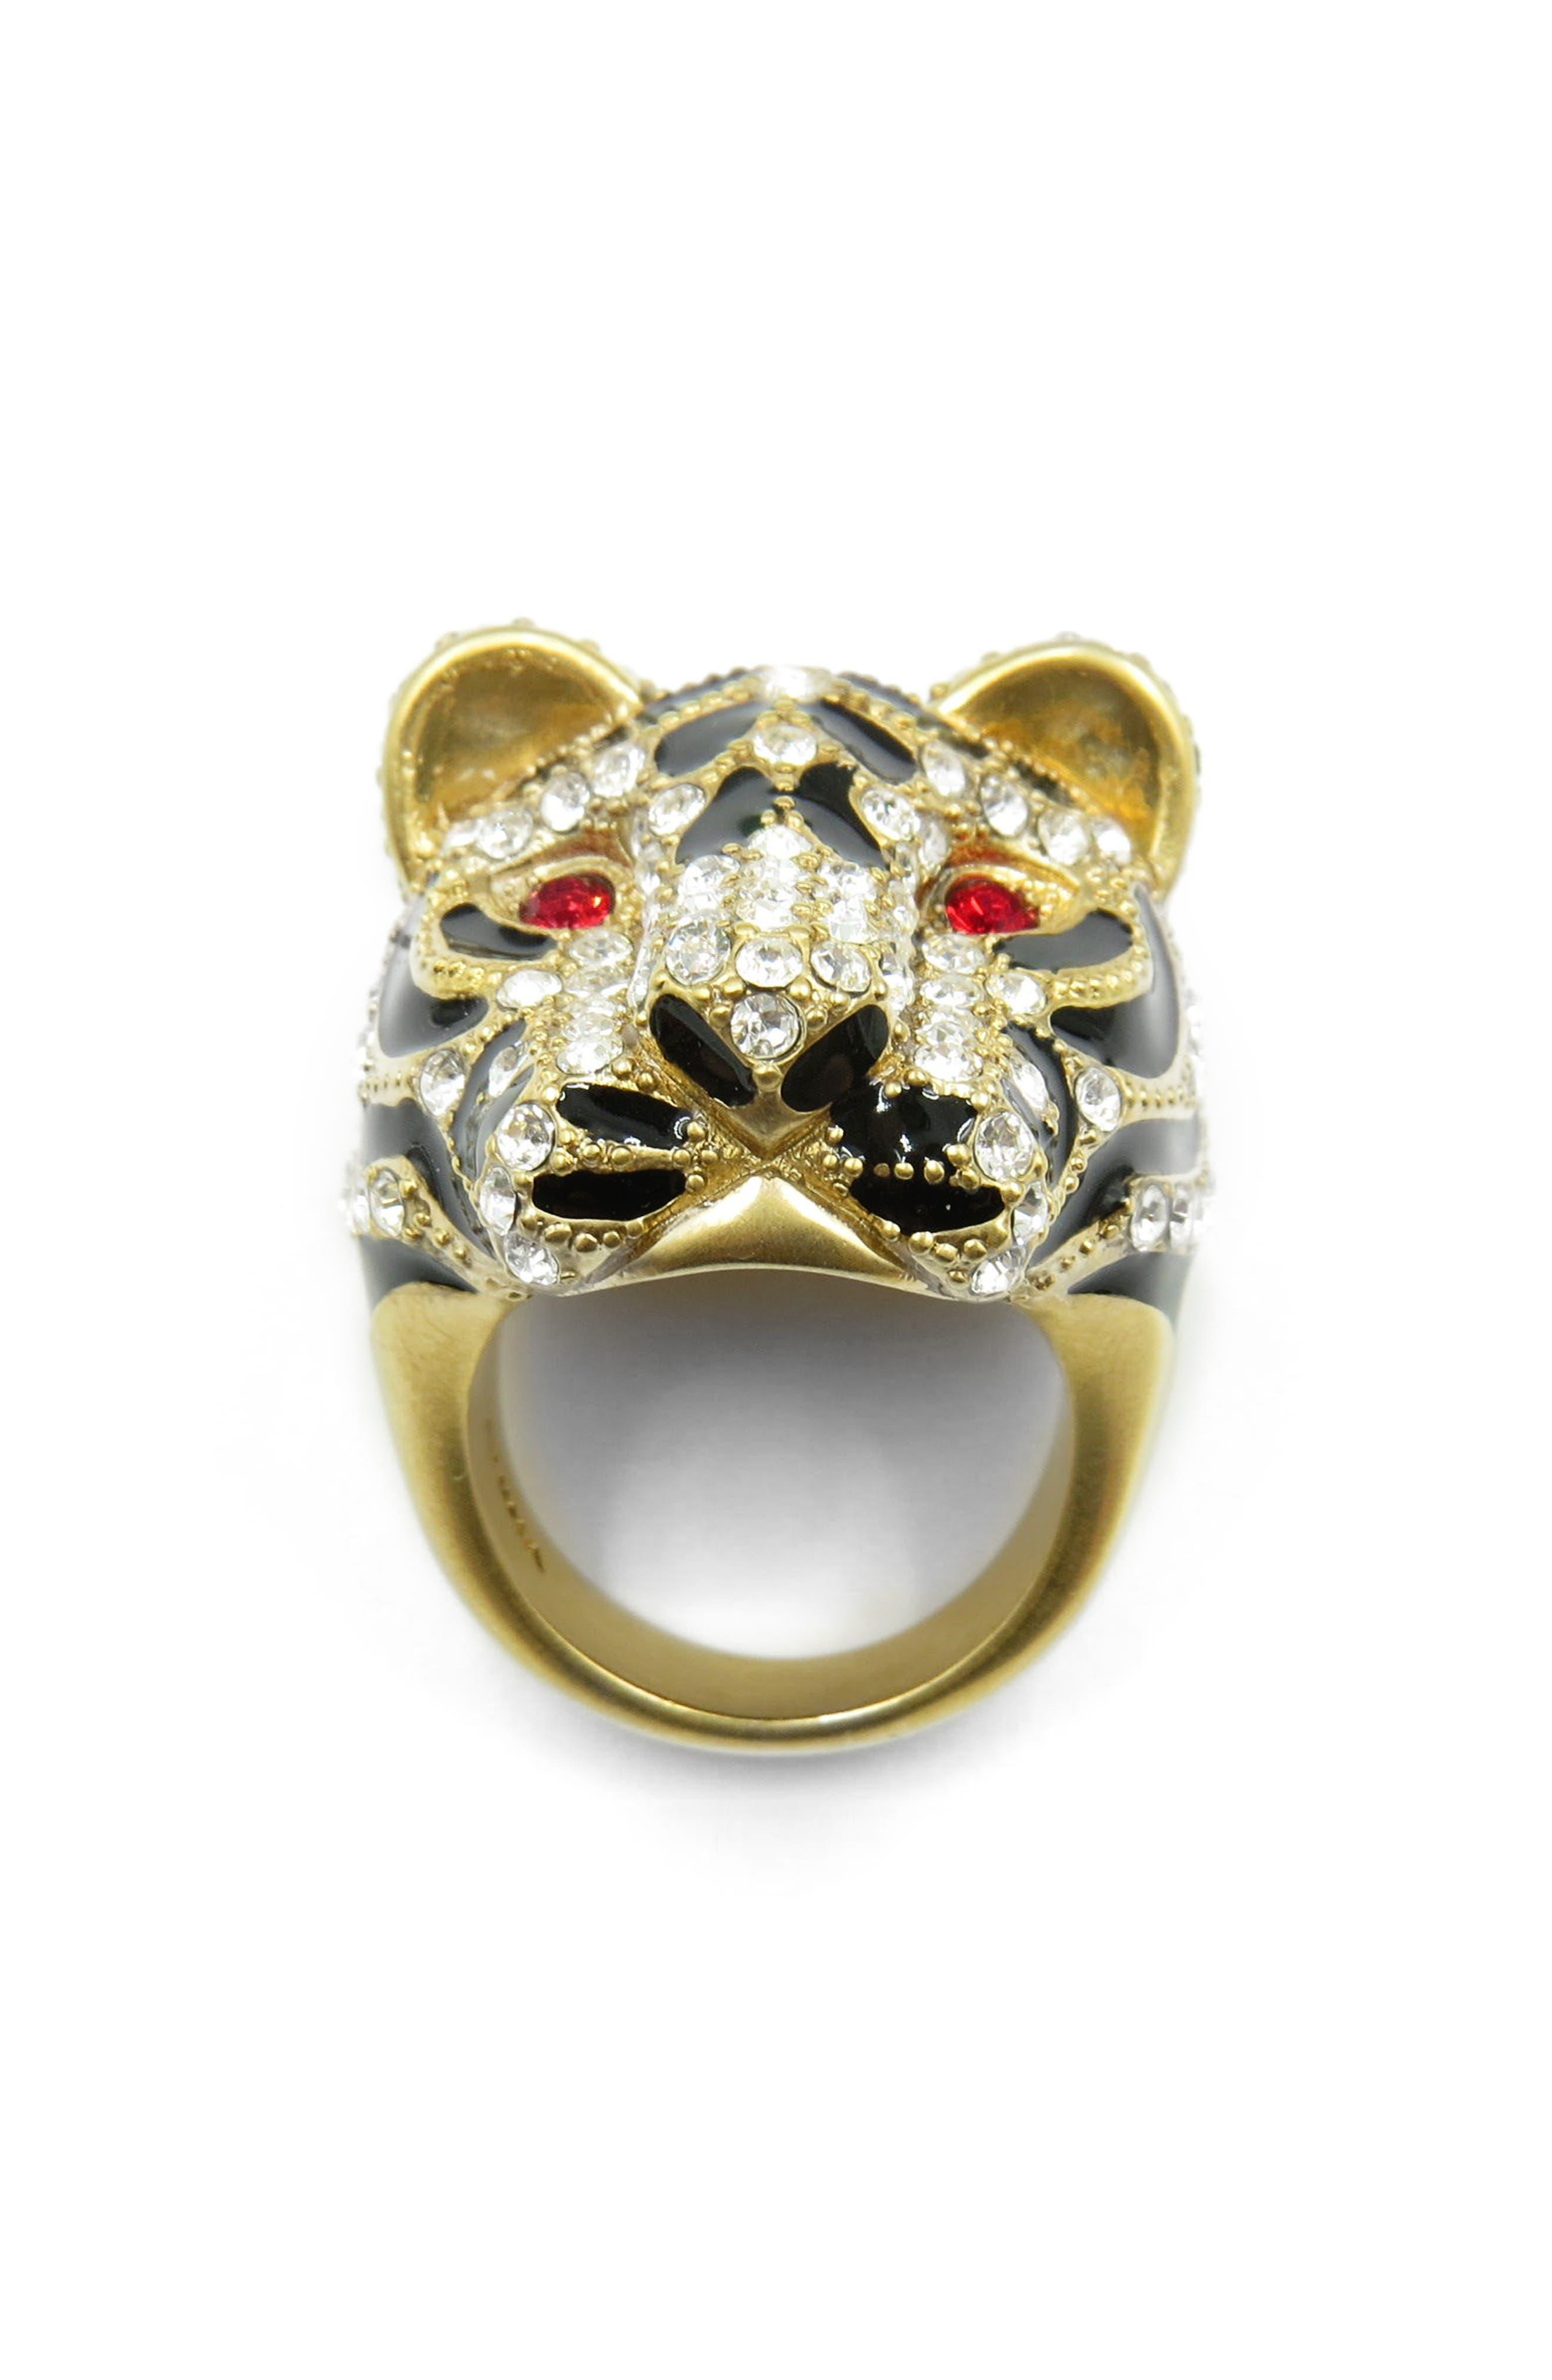 Main Image - Asa Kaftans Tiger Head Ring